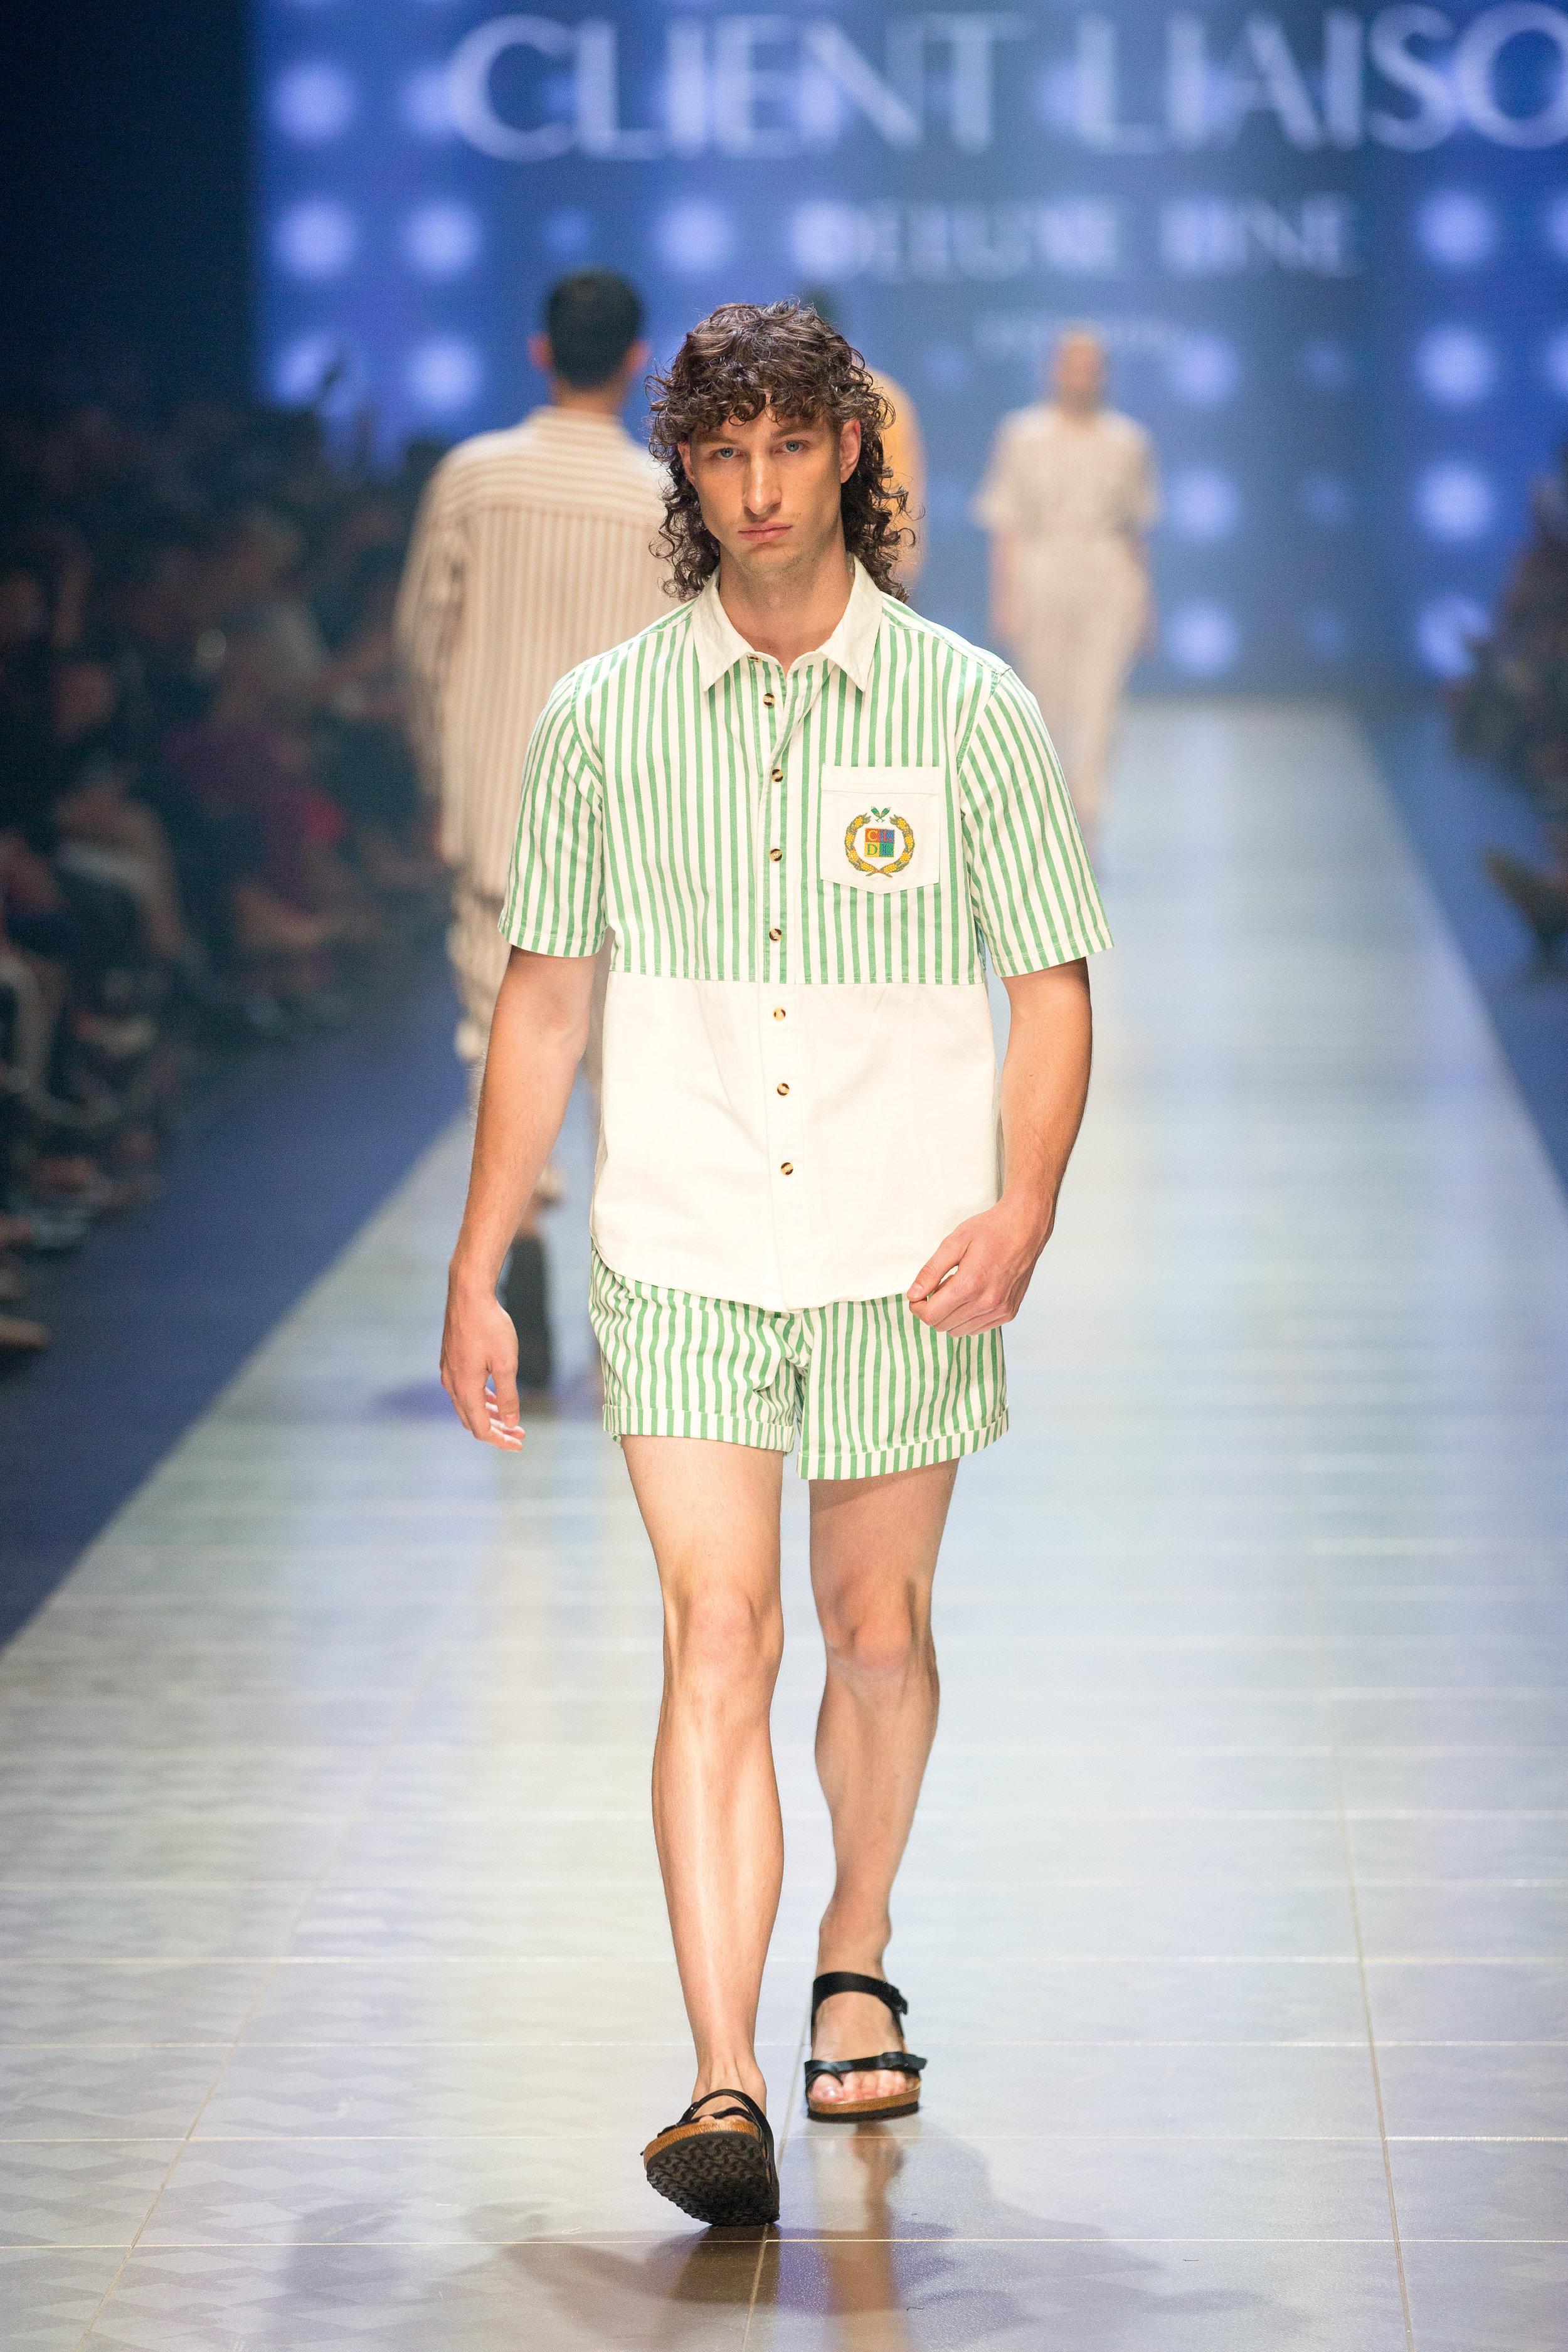 VAMFF2019_GQ Menswear-21.jpg